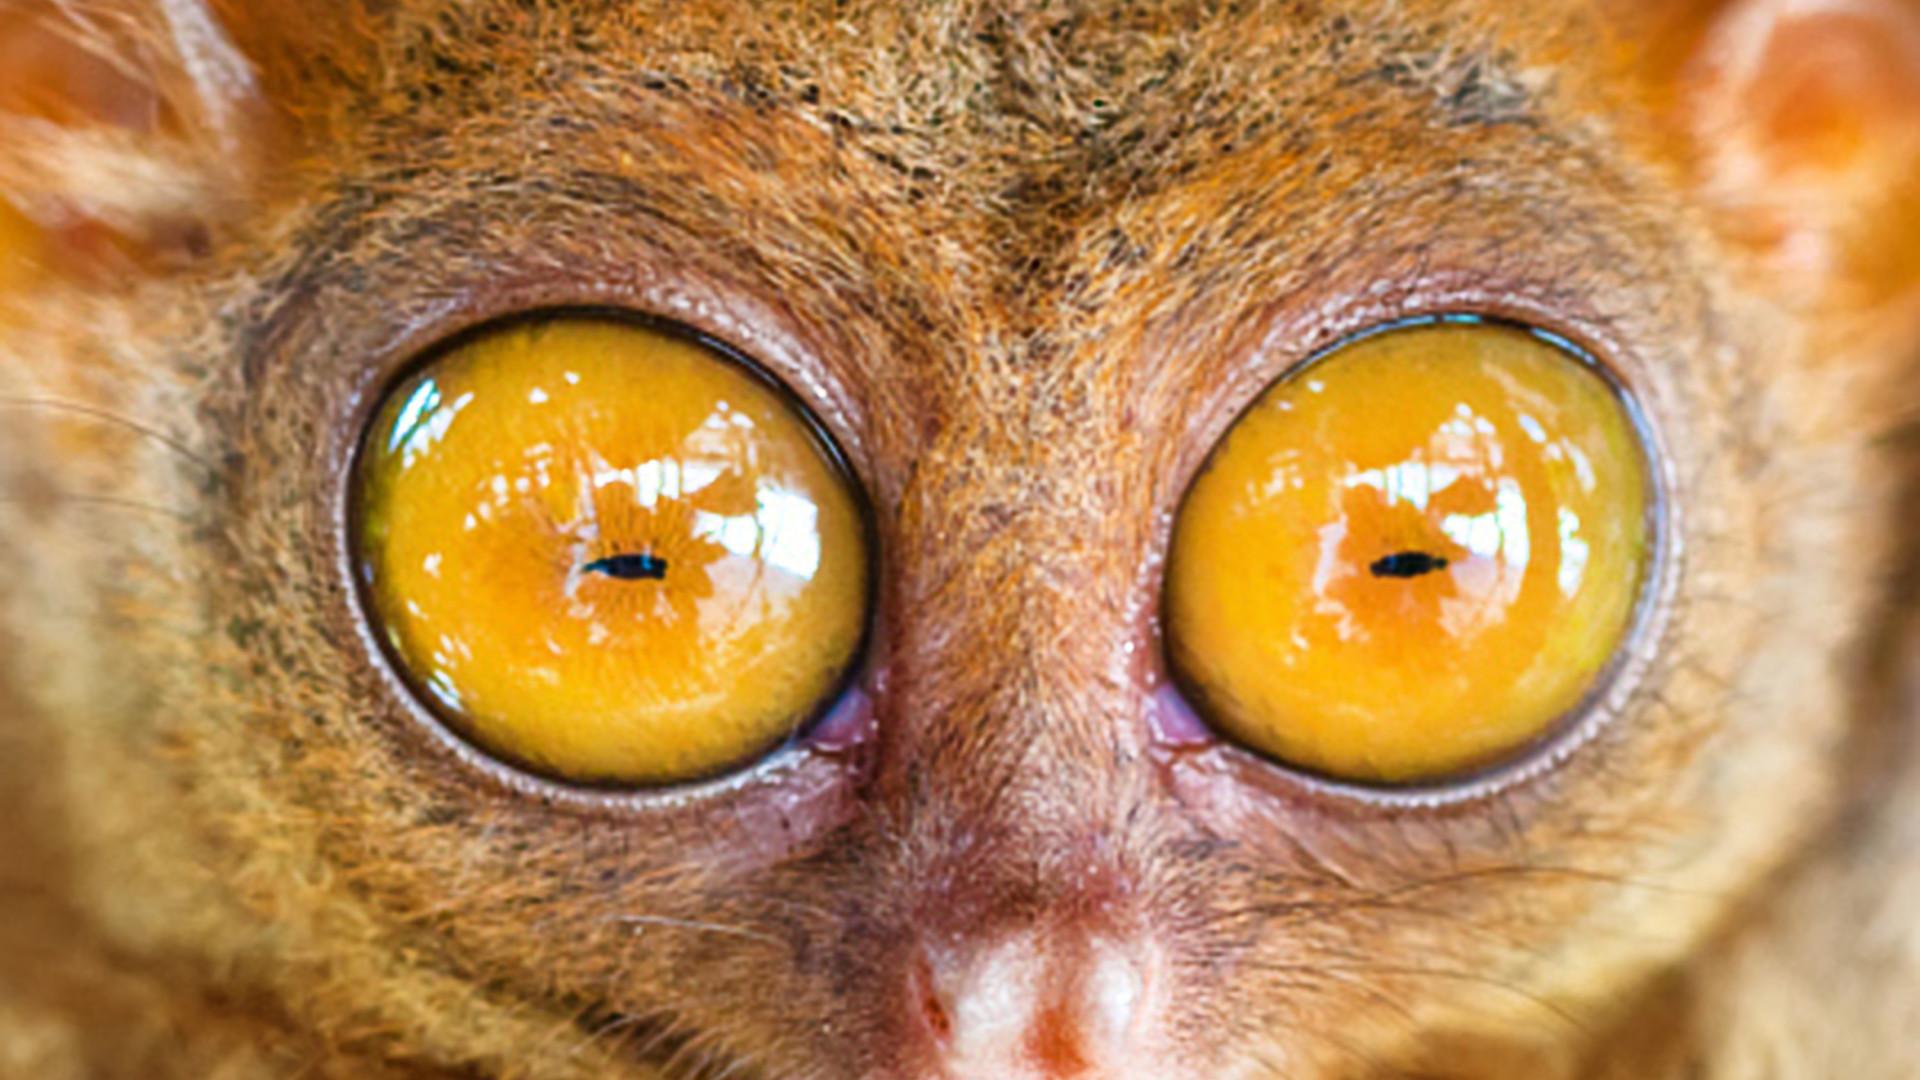 Os olhares mais belos e indiscretos do reino animal